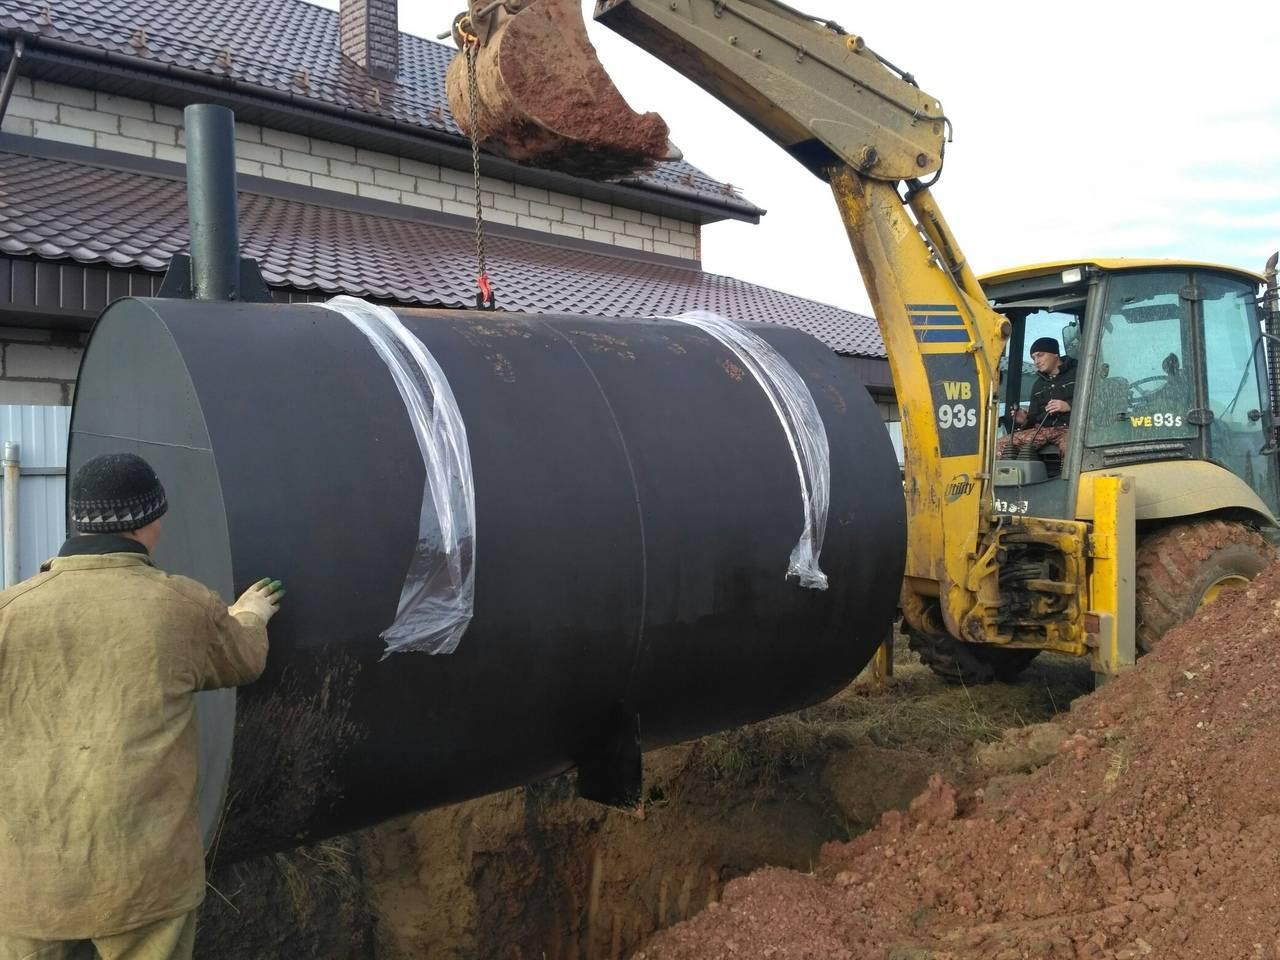 Сточные емкости для установки канализации в загородном доме, даче | септик клён официальный сайт производителя!